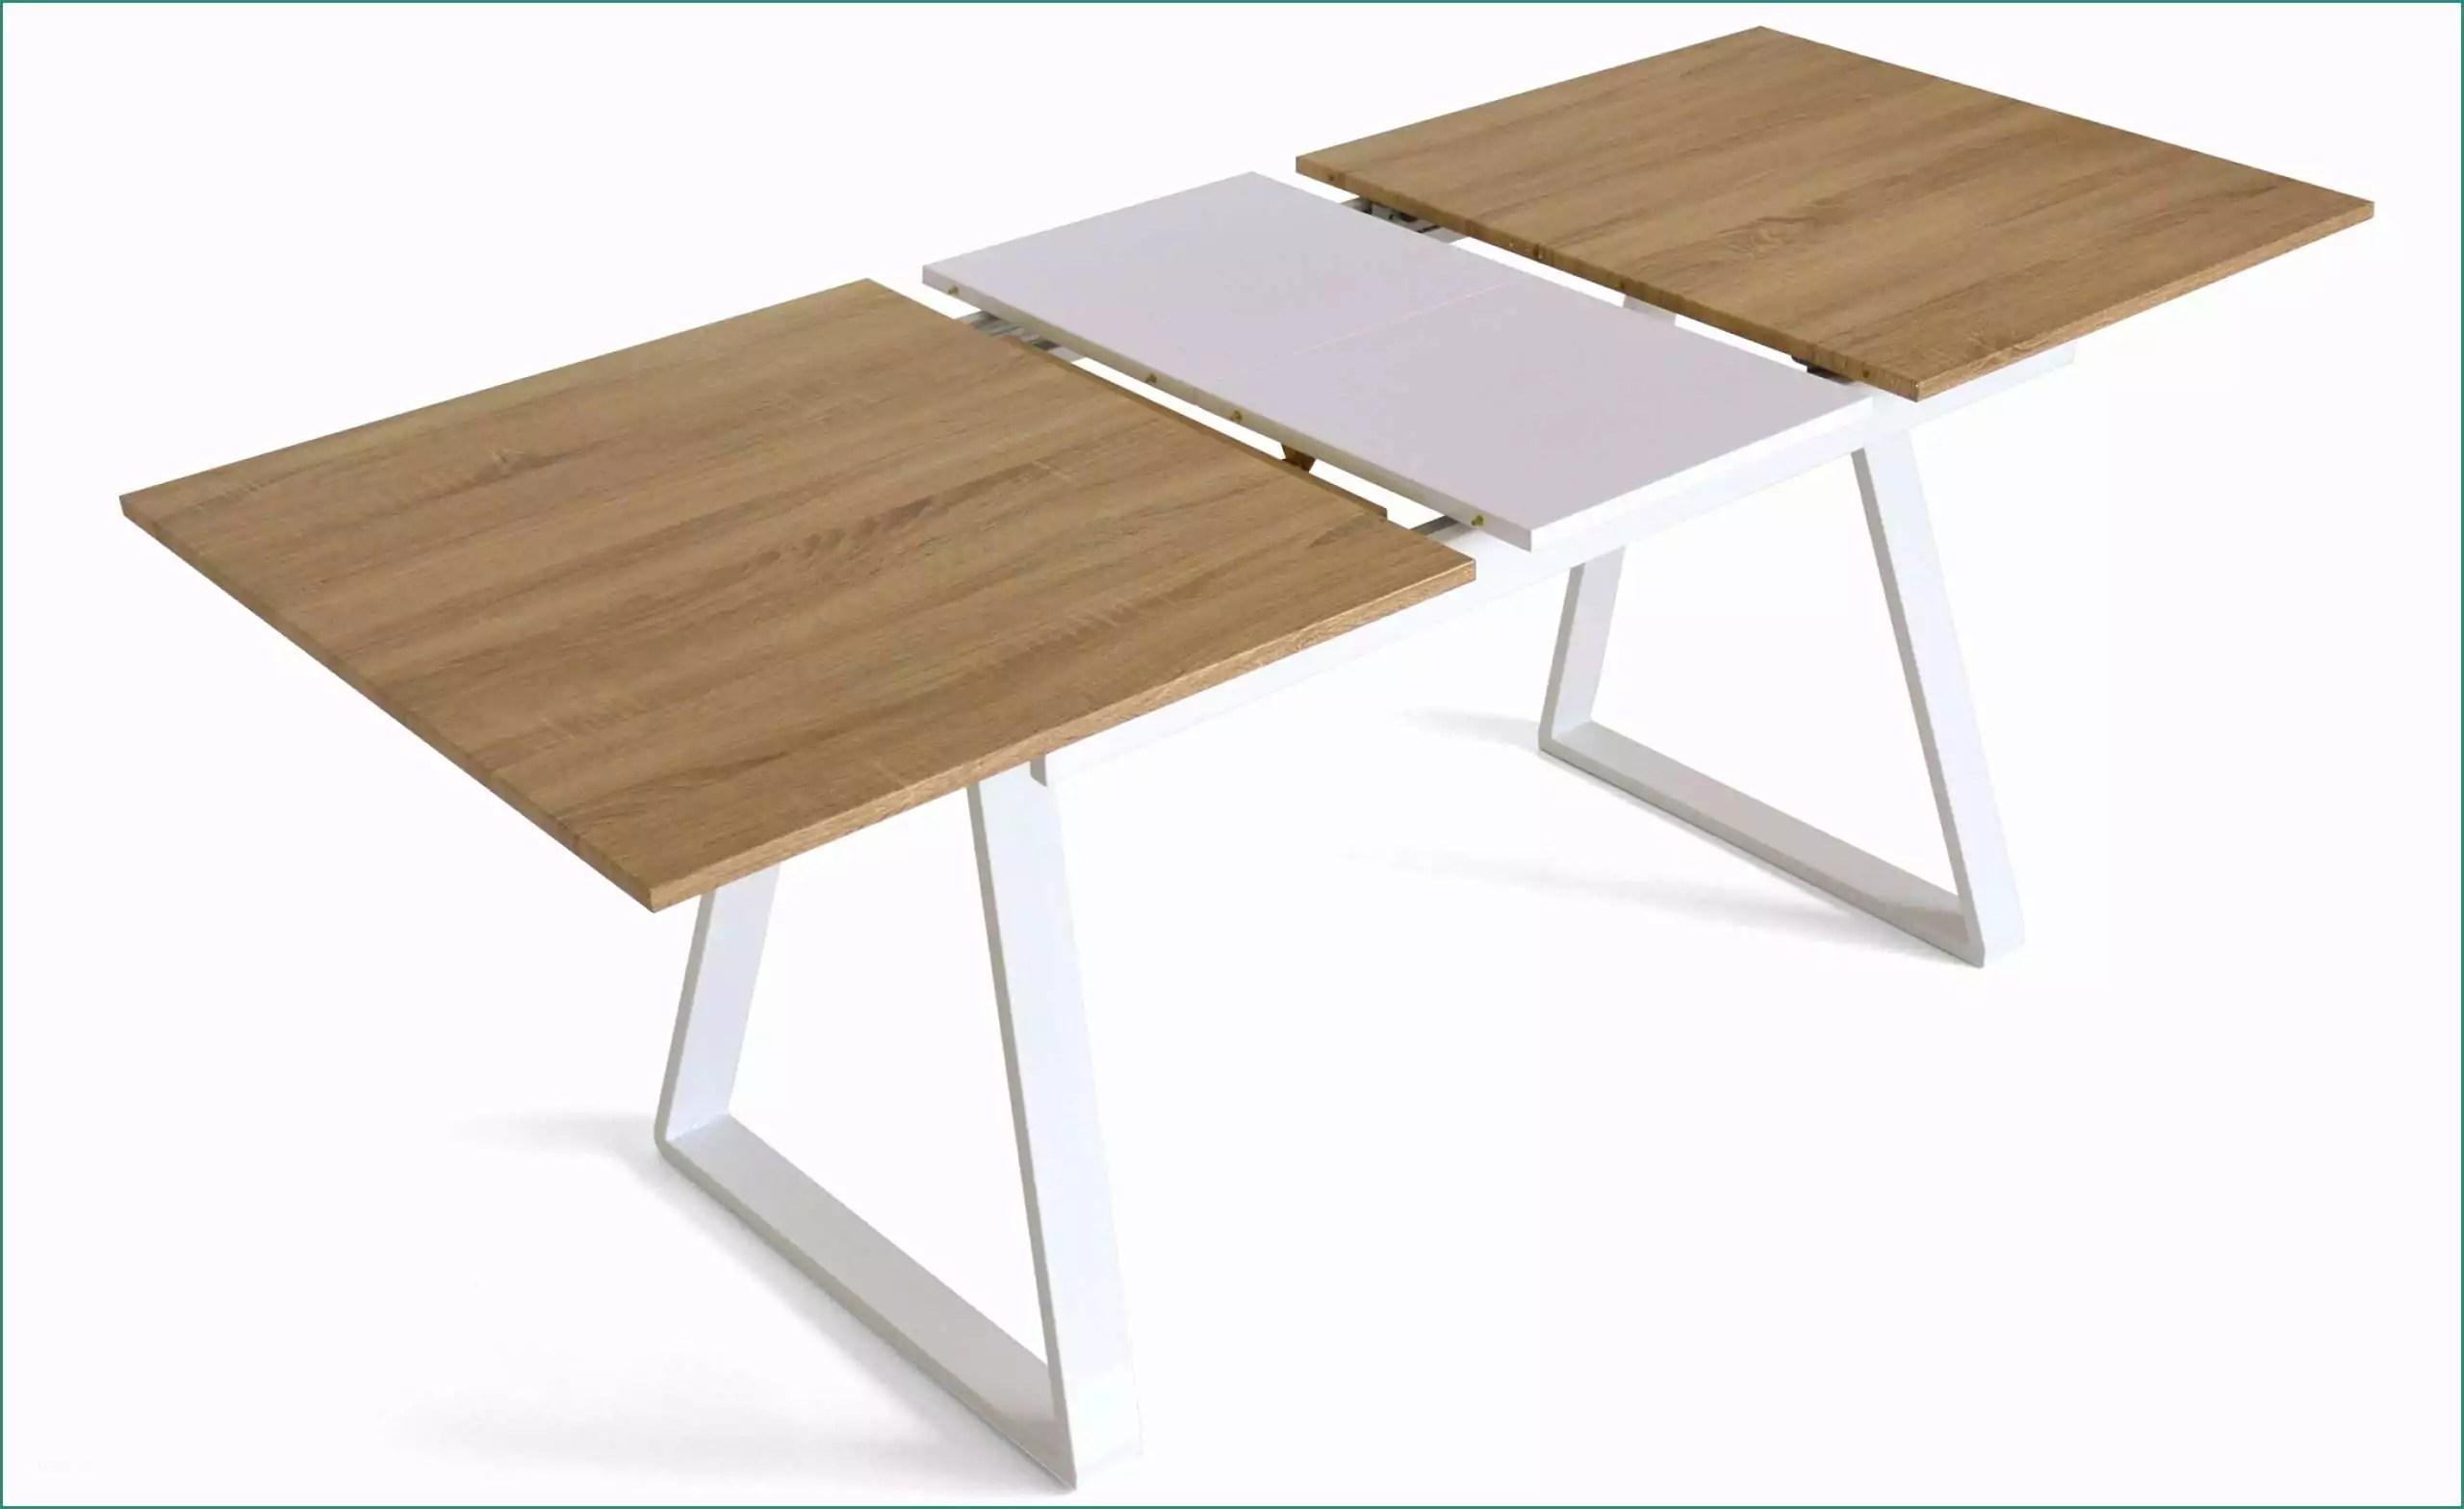 Sedie Legno Bianche E Se Per Bambini Ikea Tavolo Con Se